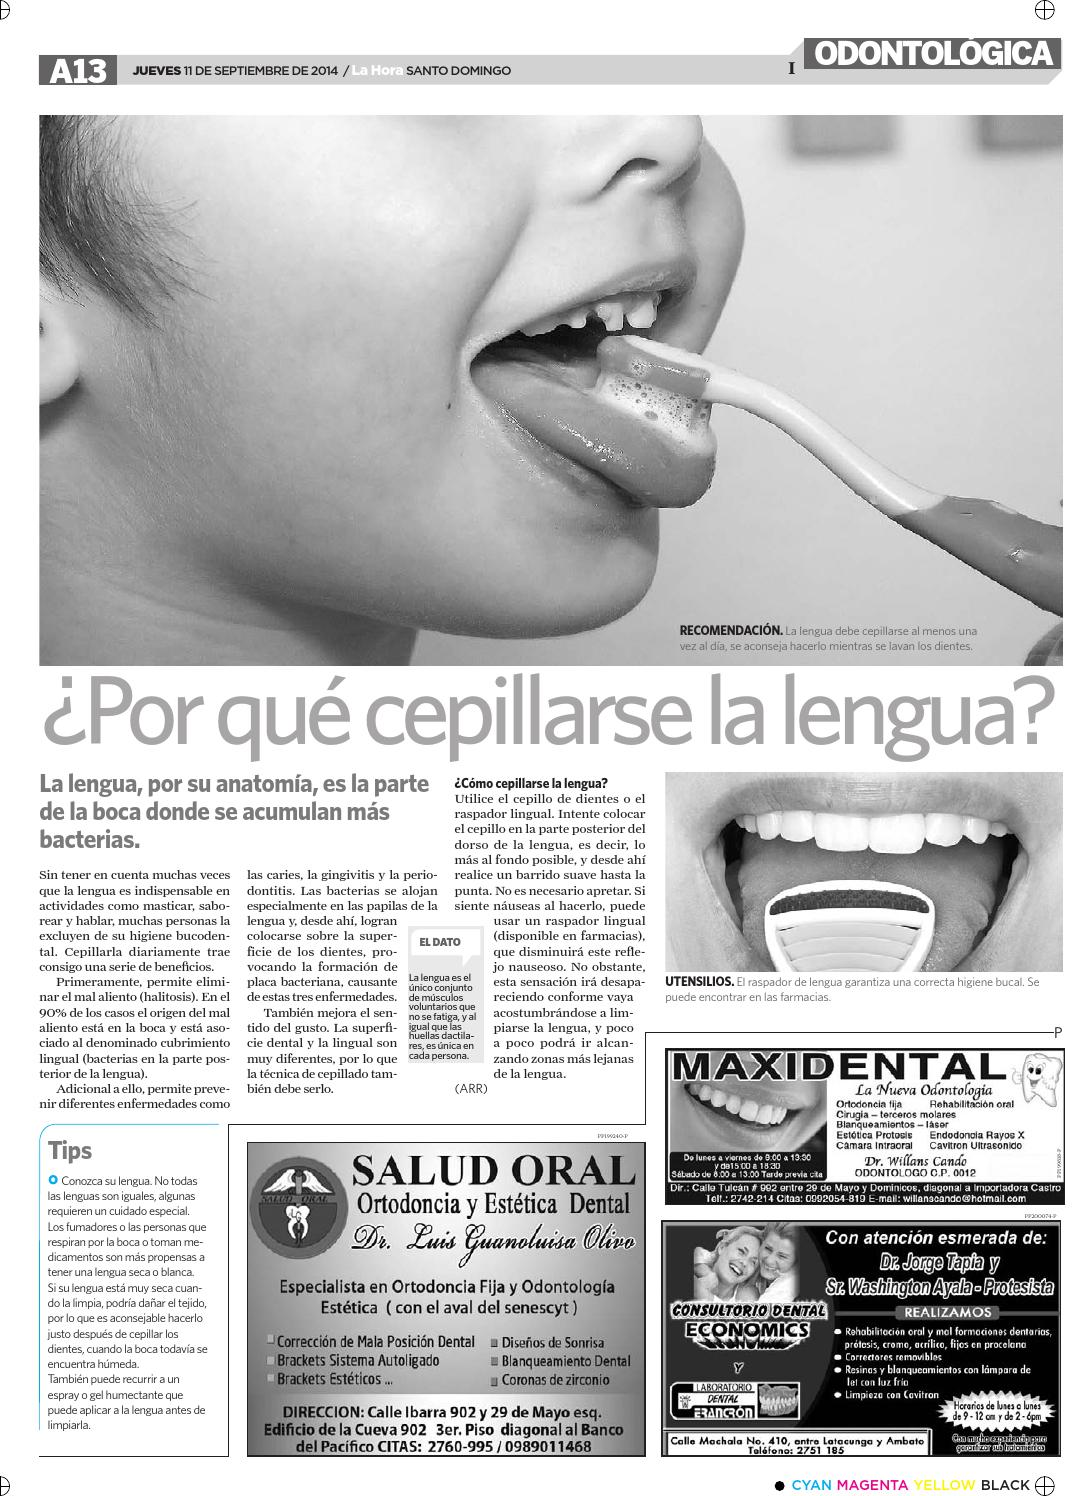 Santo Domingo 11 septiembre 2014 by Diario La Hora Ecuador - issuu